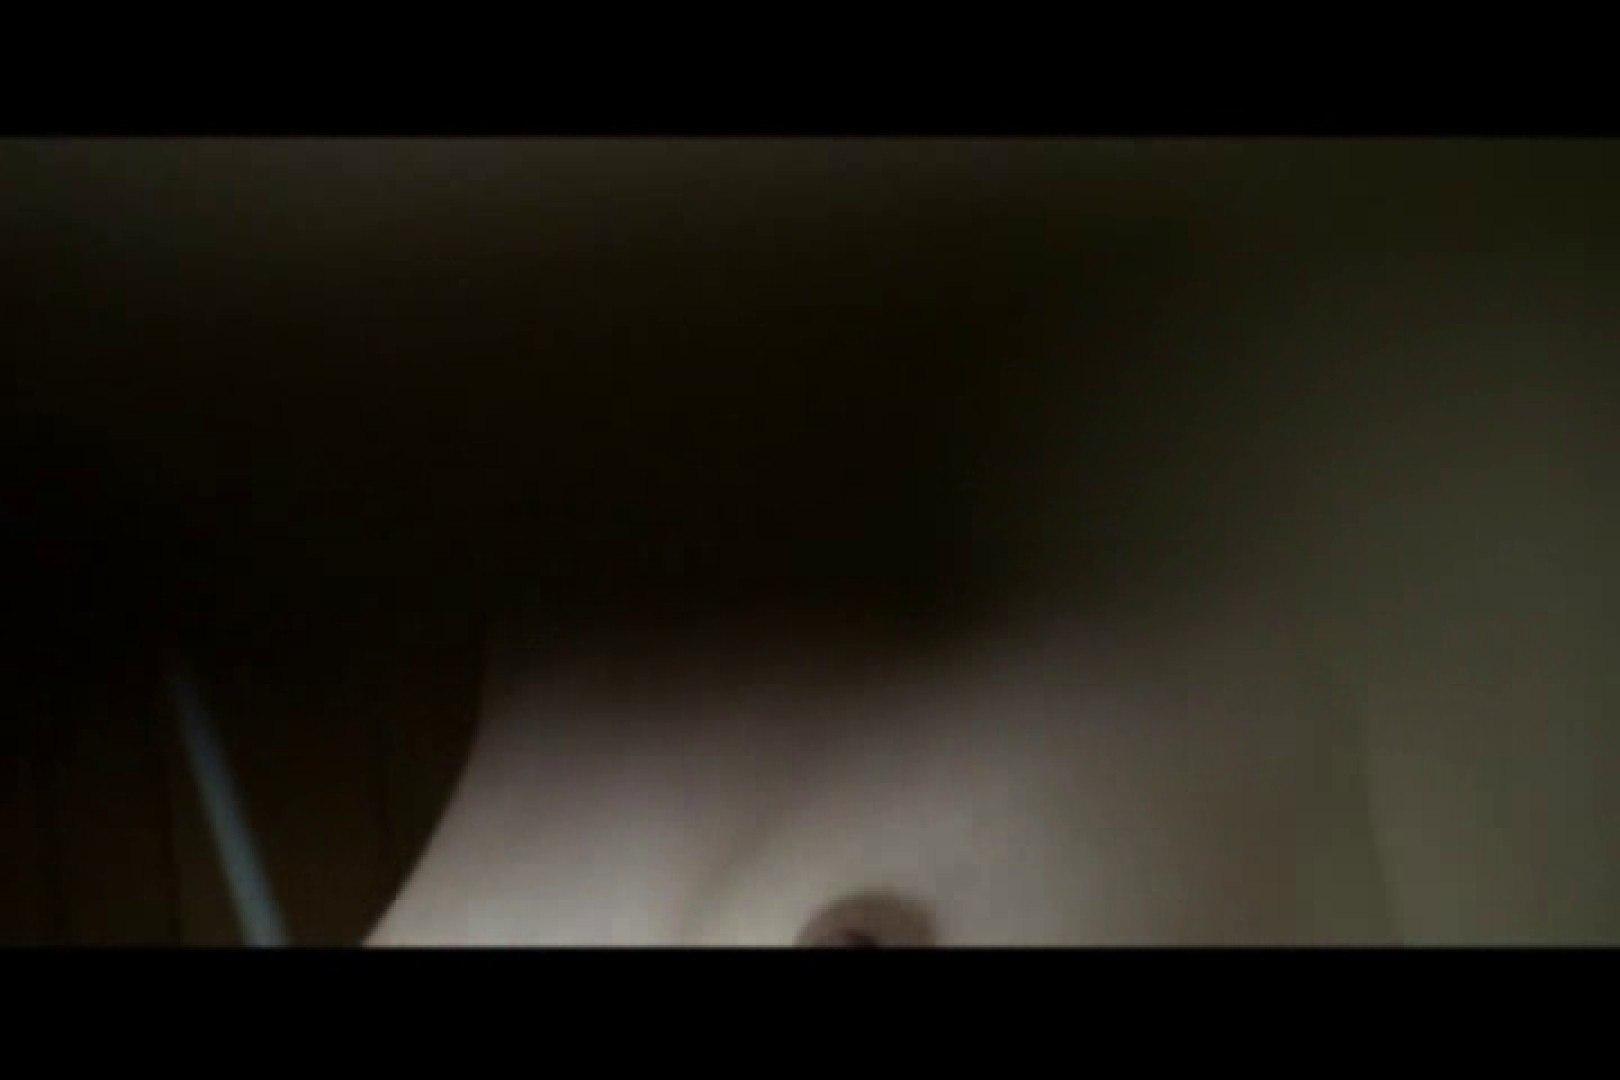 貸切露天 発情カップル! vol.01 露天風呂の女子達  103画像 56